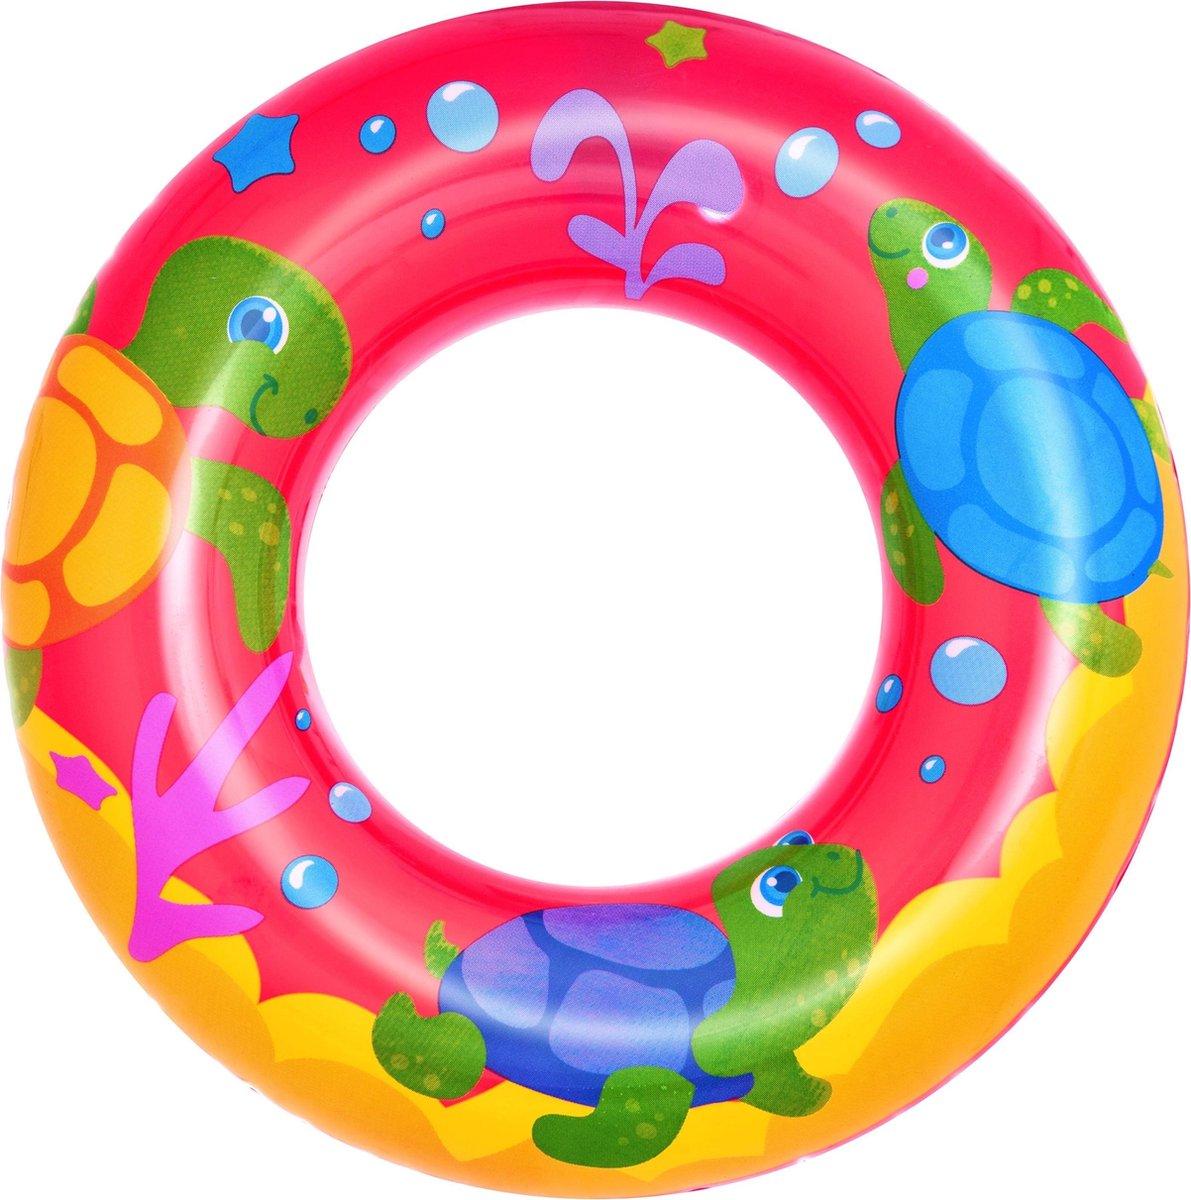 Rode zeedieren zwemband 51 cm - Zwembenodigdheden - Zwemringen - Zee/oceaan thema - Zeedieren zwembanden voor kinderen